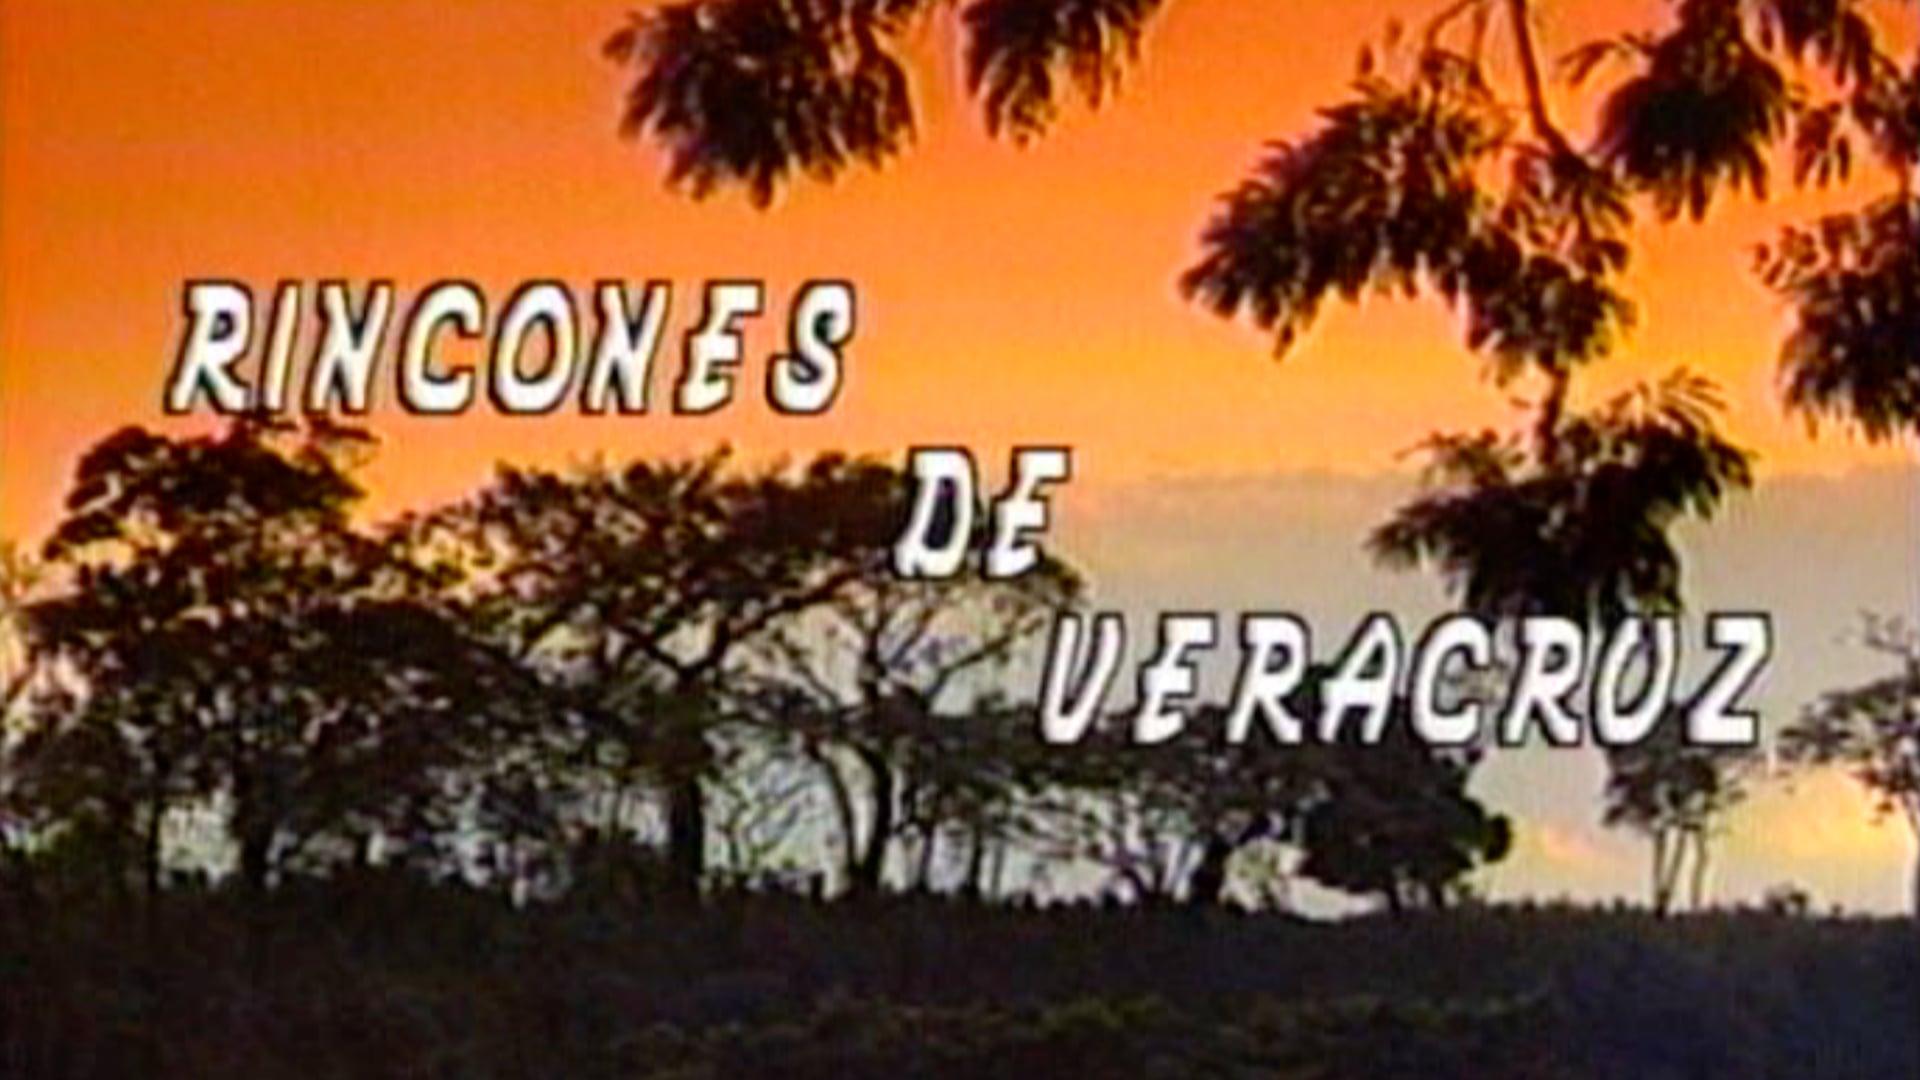 Rincones de Veracruz